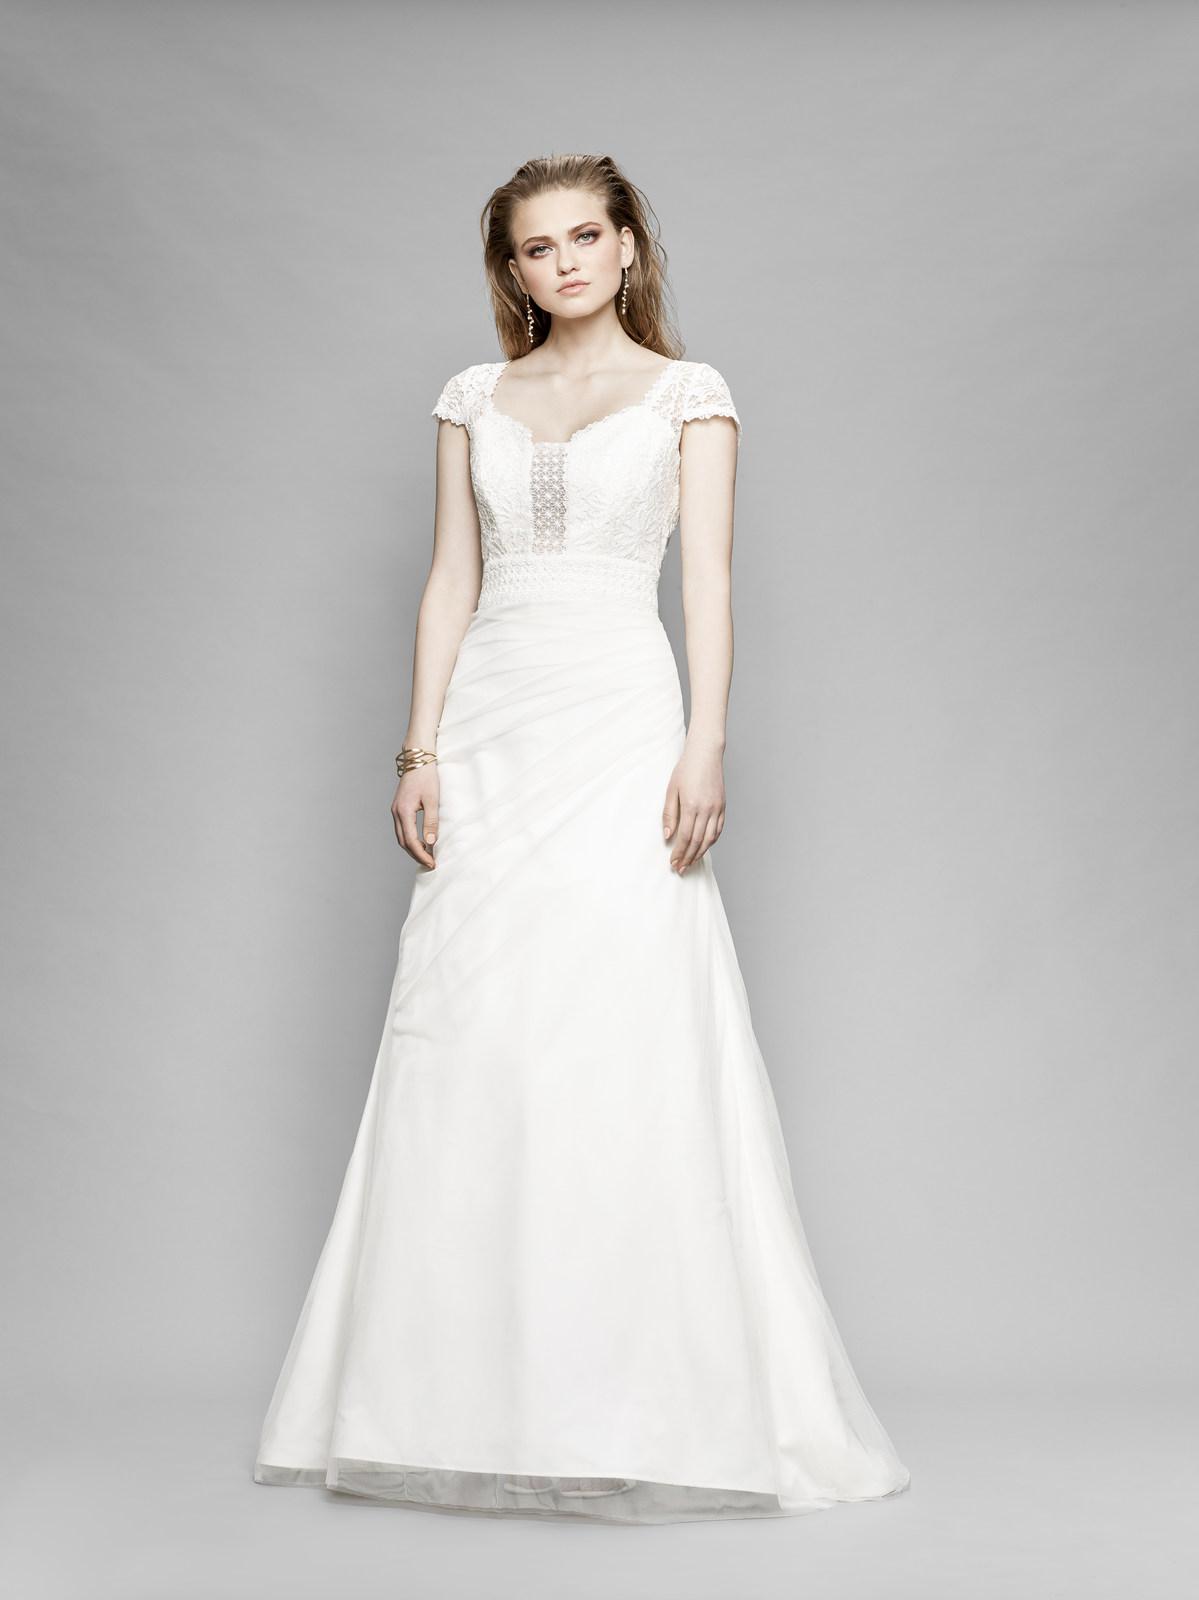 Brautkleid Whisper von Marylise auf Ja.de